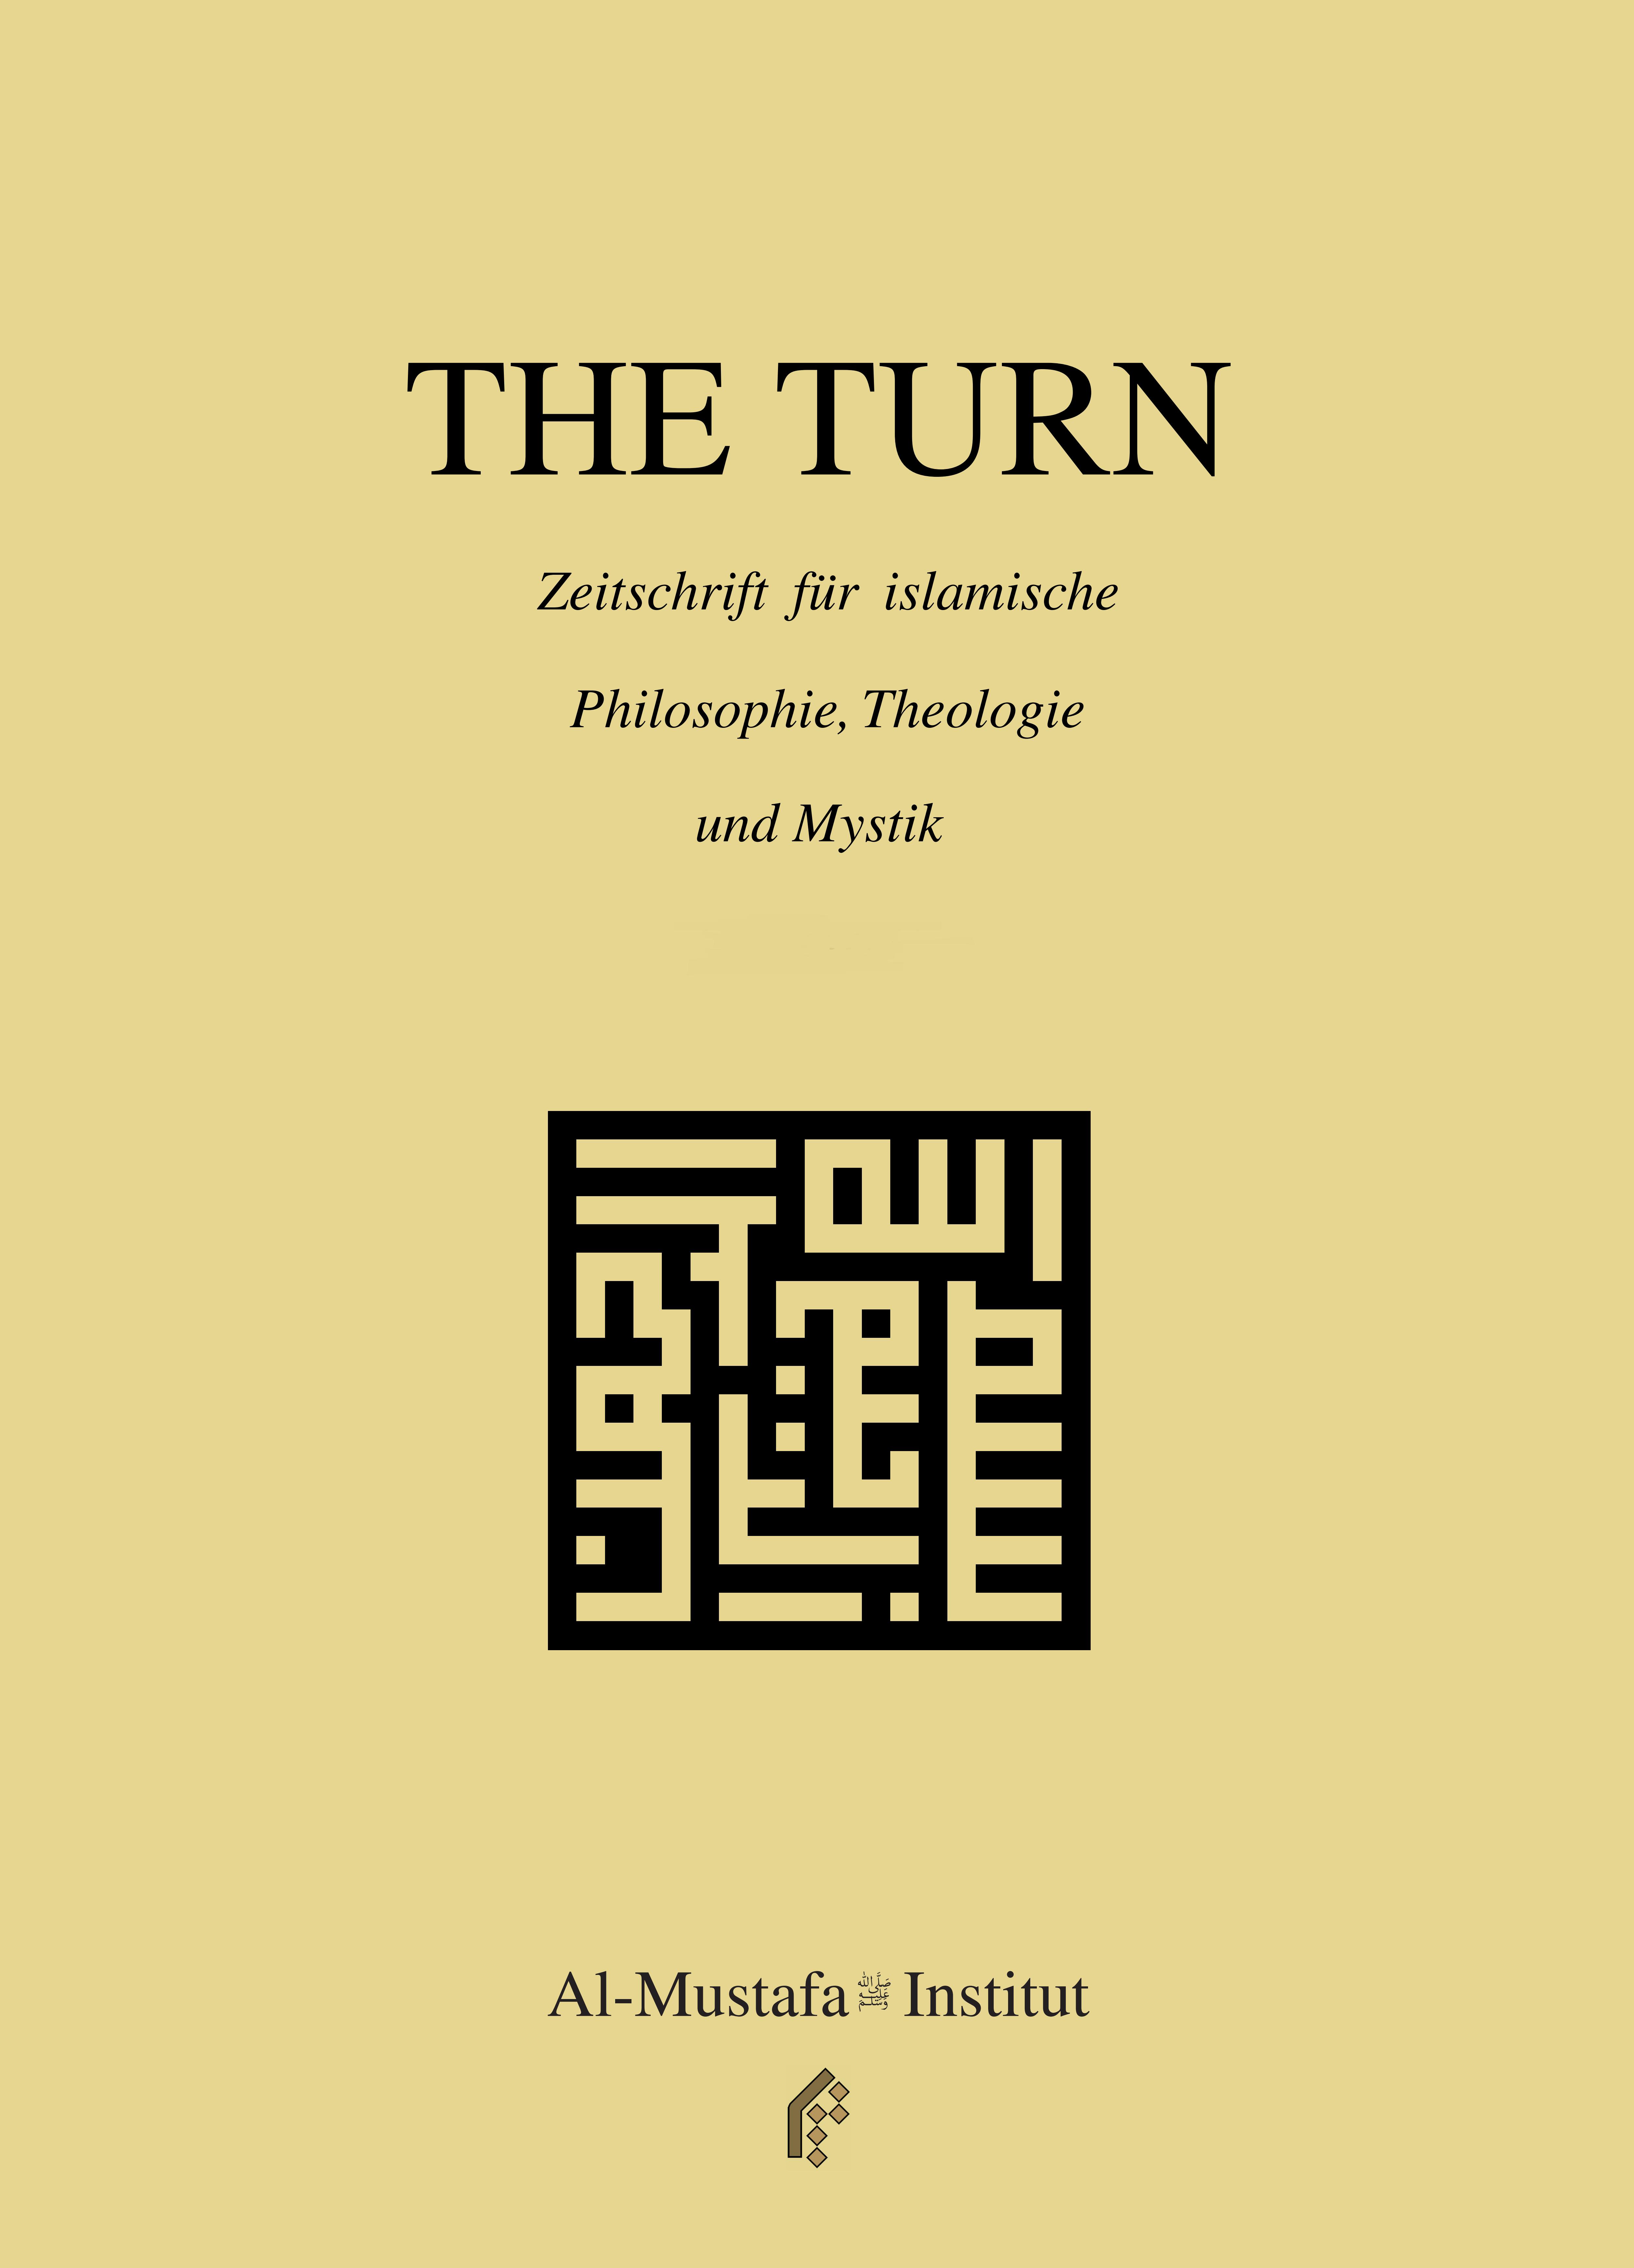 Zeitschrift für islamische Philosophie, Theologie und Mystik